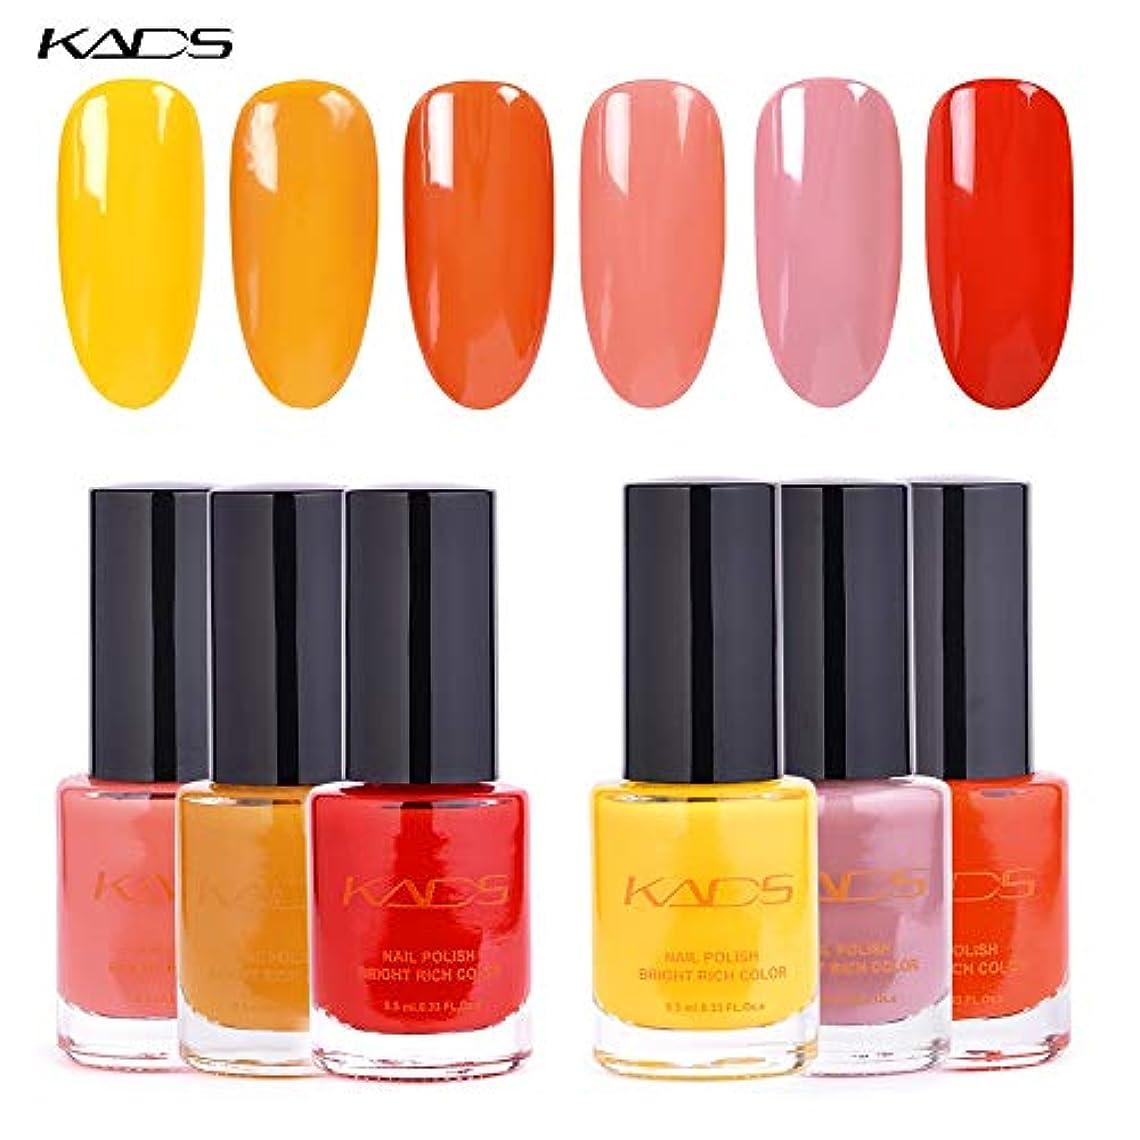 ハブ些細ロータリーKADS ネイルポリッシュ ゼリーシリーズ ピンク/オレンジ/イエロー 6色入り 9.5ML 艶長持ち マニキュアセット